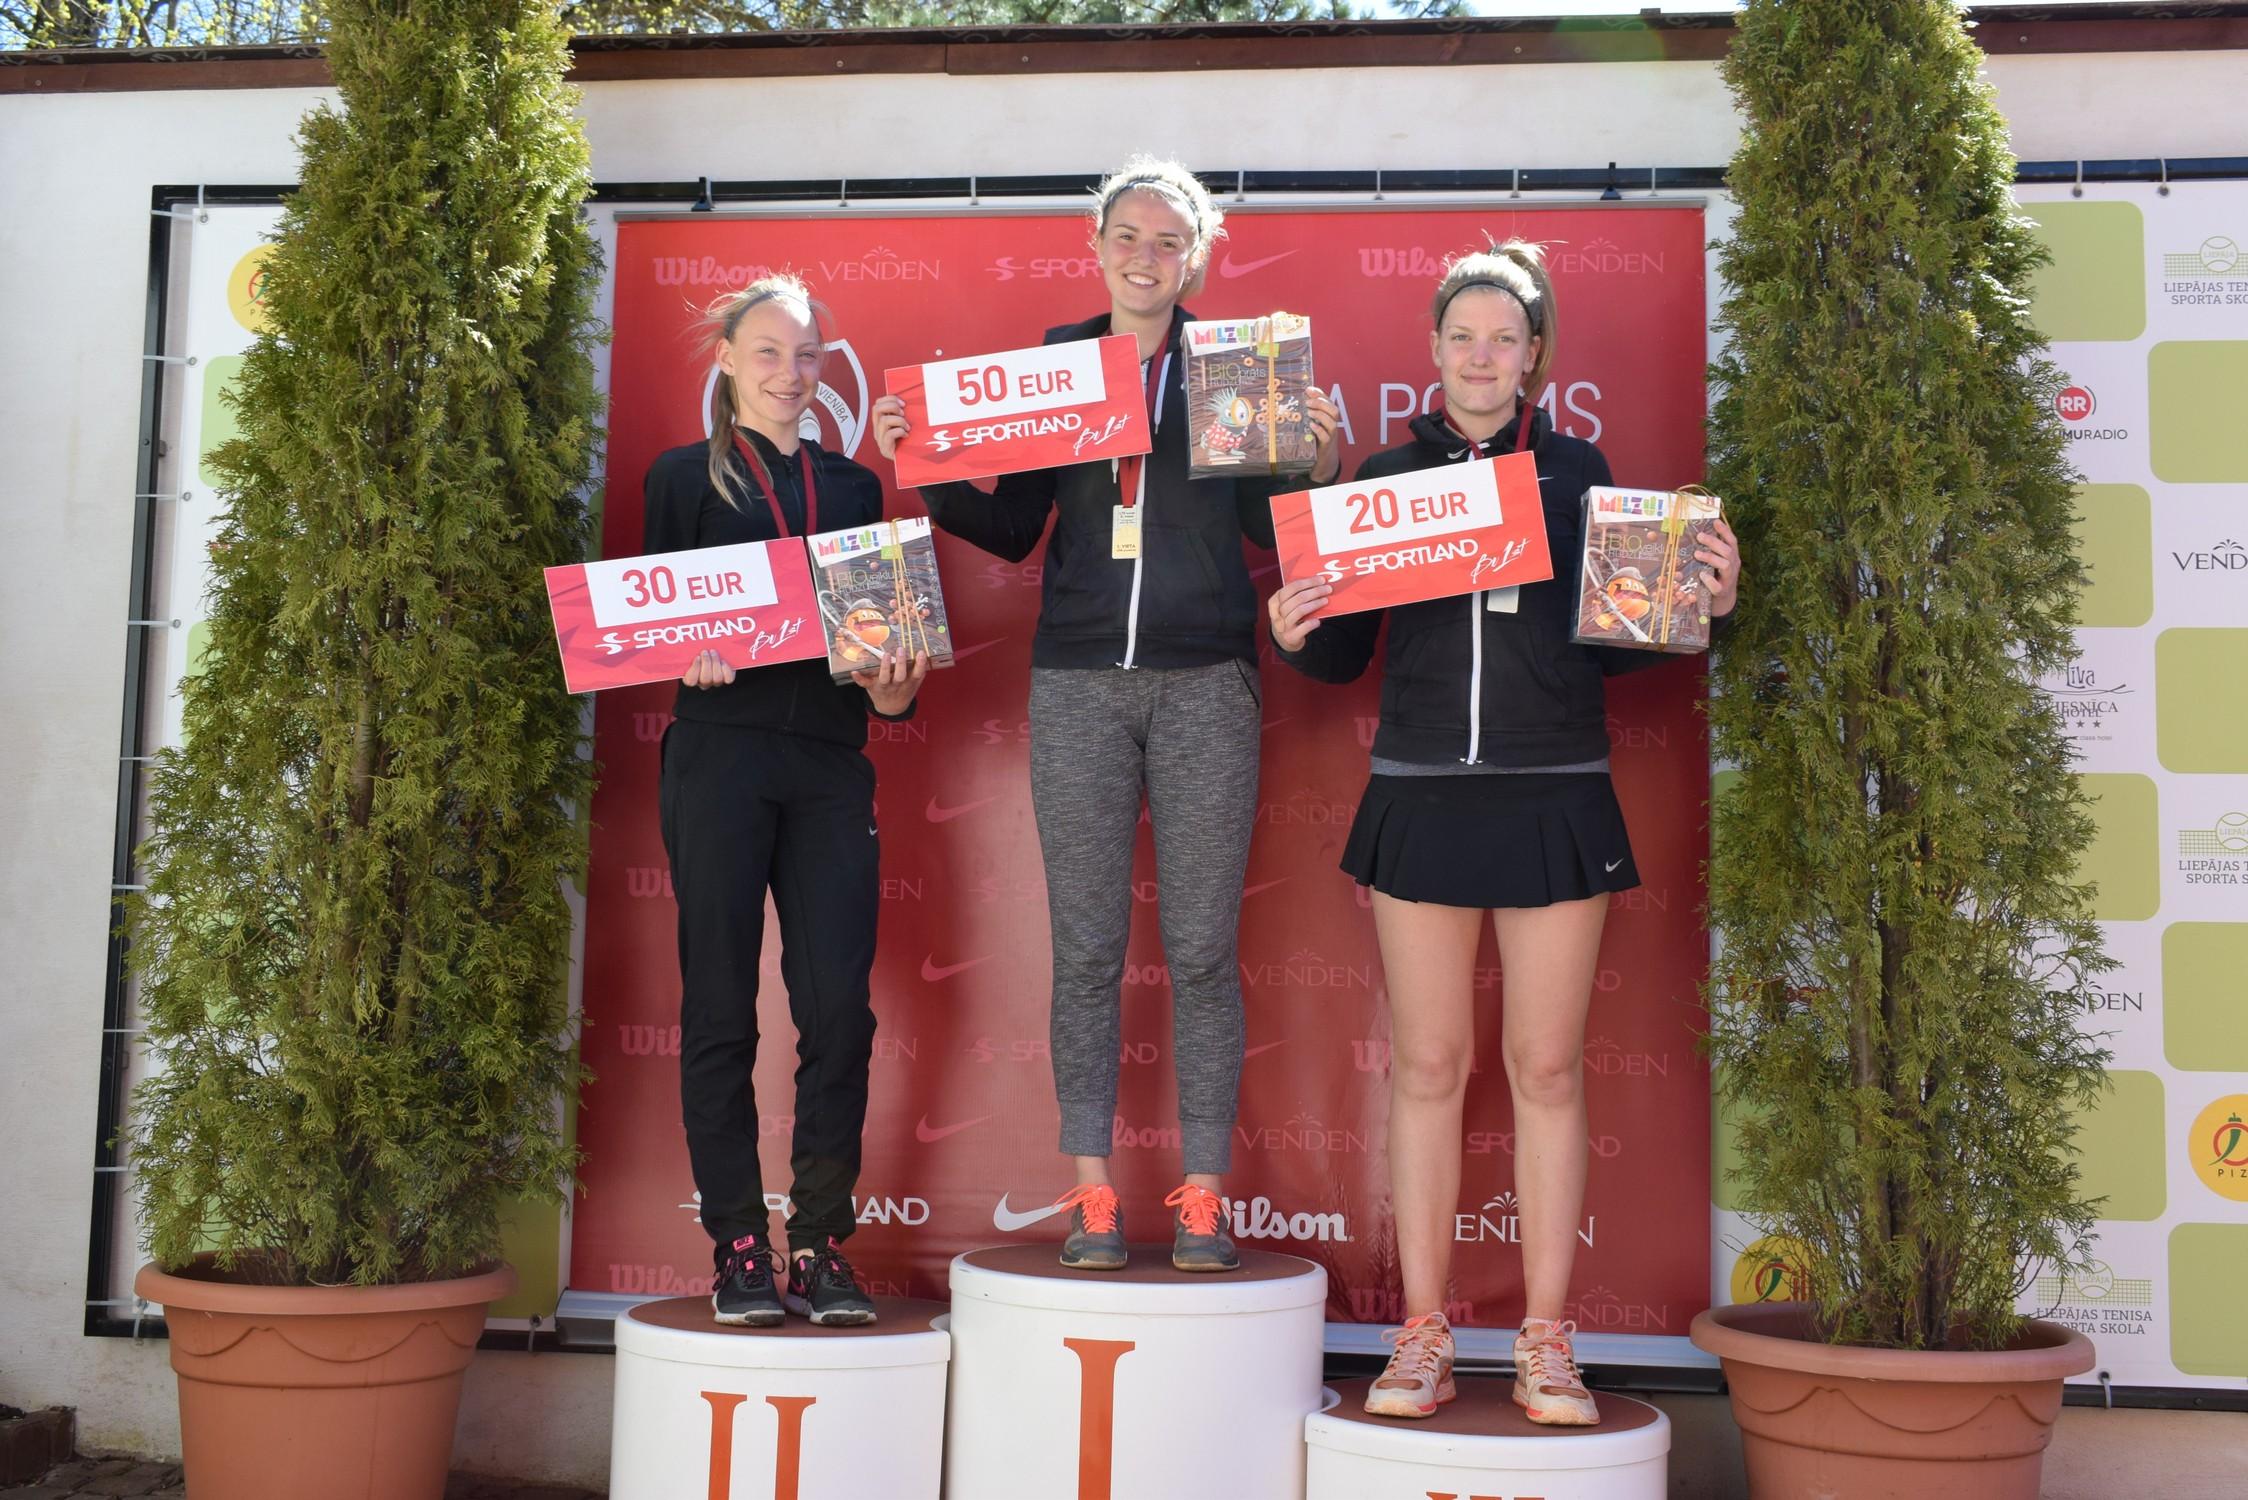 2017.gada 7.maijā visas trīs liepājnieces kāpa LTS kausa 5.posmā U18 vecuma grupai. Cerams, ka visas trīs liepājnieces arī ASV spēs aizņemt visu goda pjedestālu. (no kreisās - Patrīcija Špaka, Rebeka Margareta Mertena, Elza Tomase).